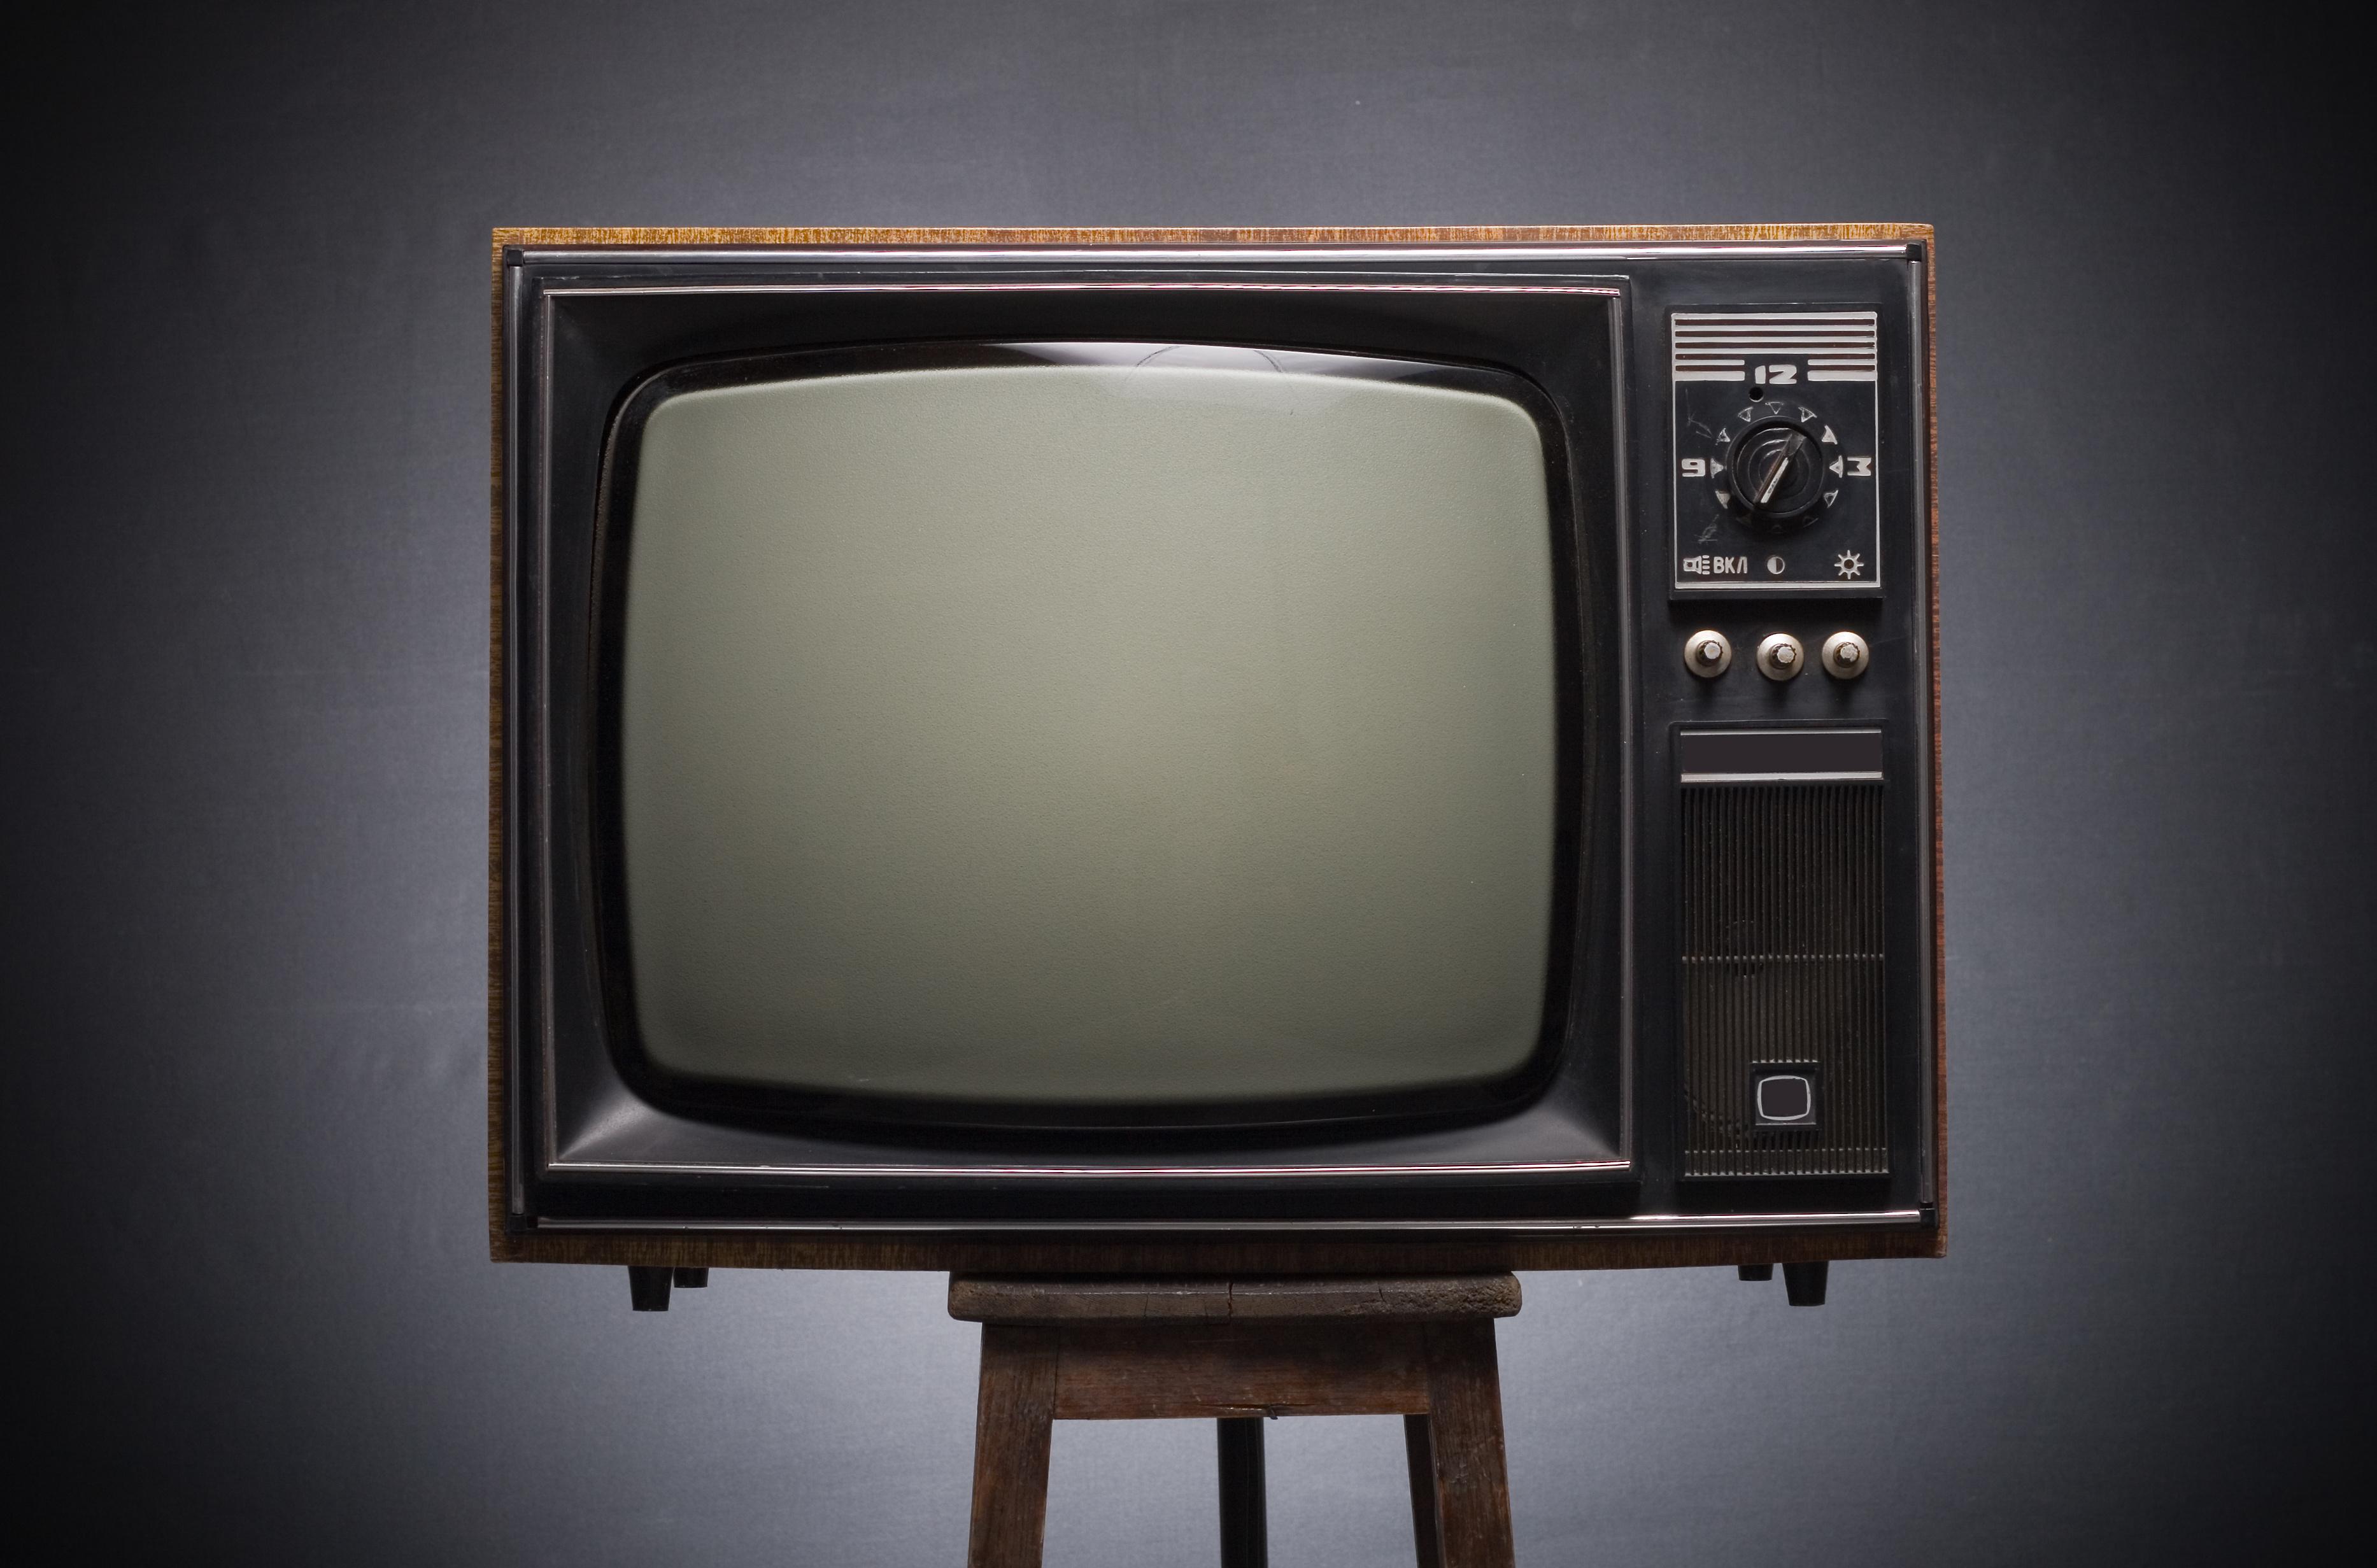 Retro TV on a dark background.